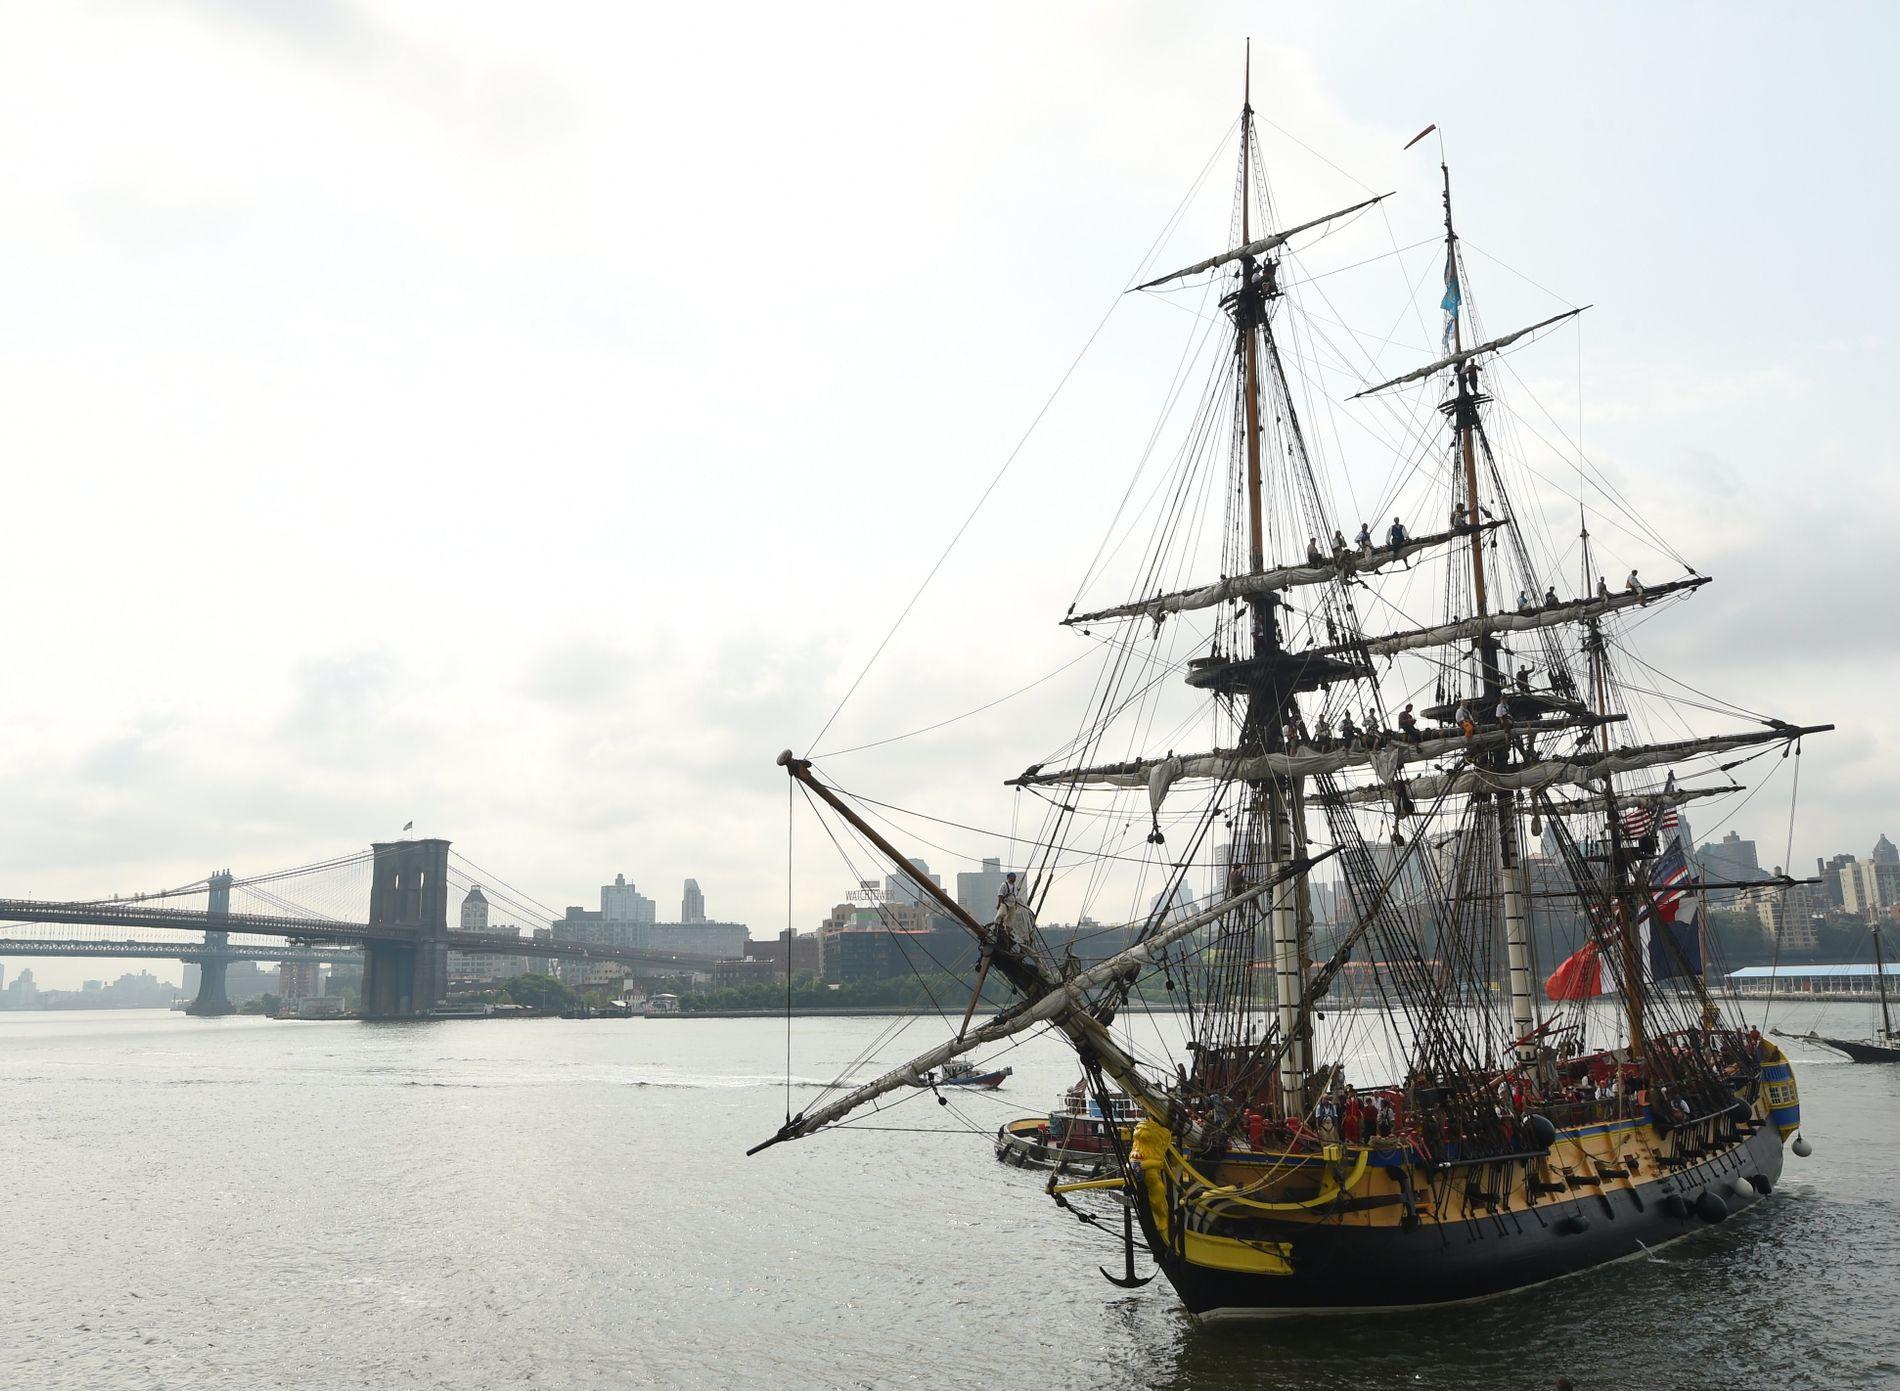 SPEKTAKULÆRT: Dette bildet er tatt fra South Street Seaport på Manhattan i New York. I dette området skal Carlsen spille VM-kamp i november.